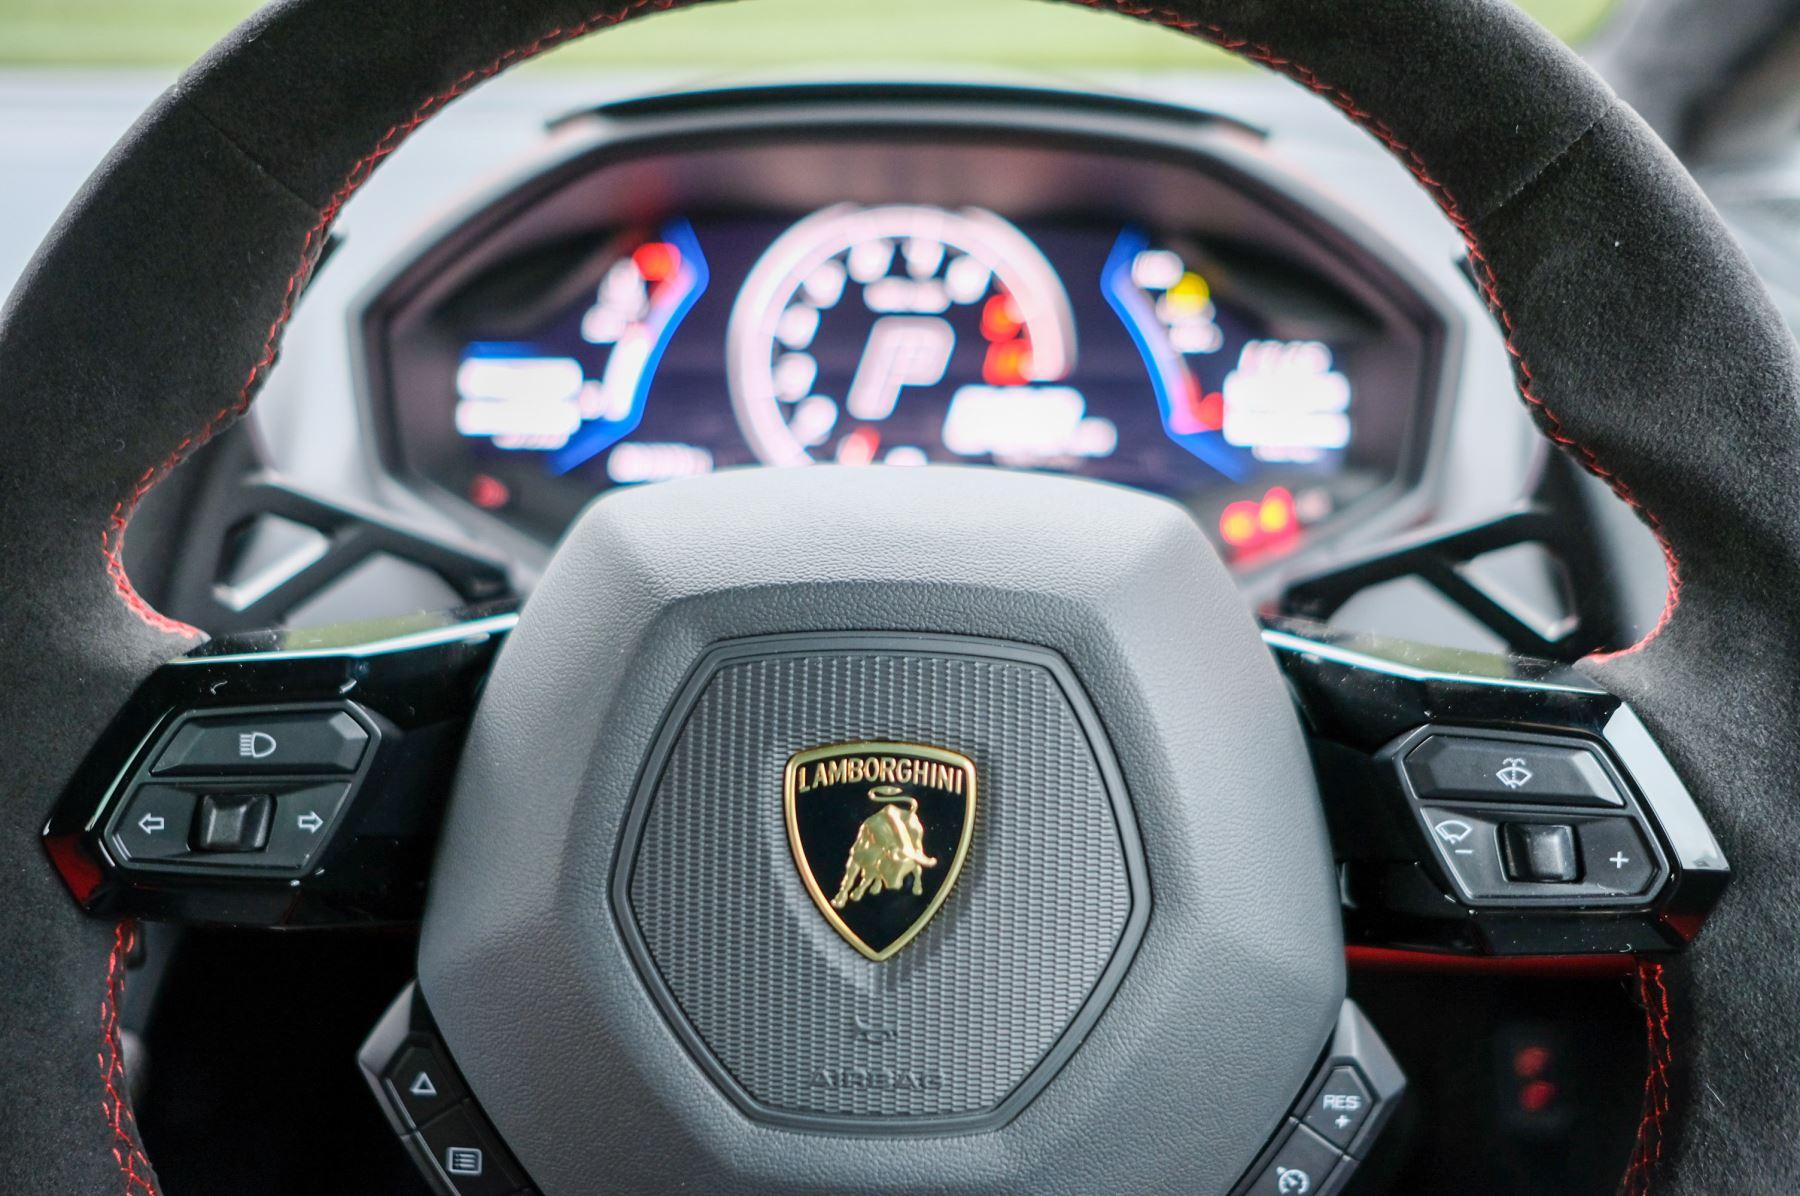 Lamborghini Huracan 5.2 V10 640 2dr Auto AWD image 15